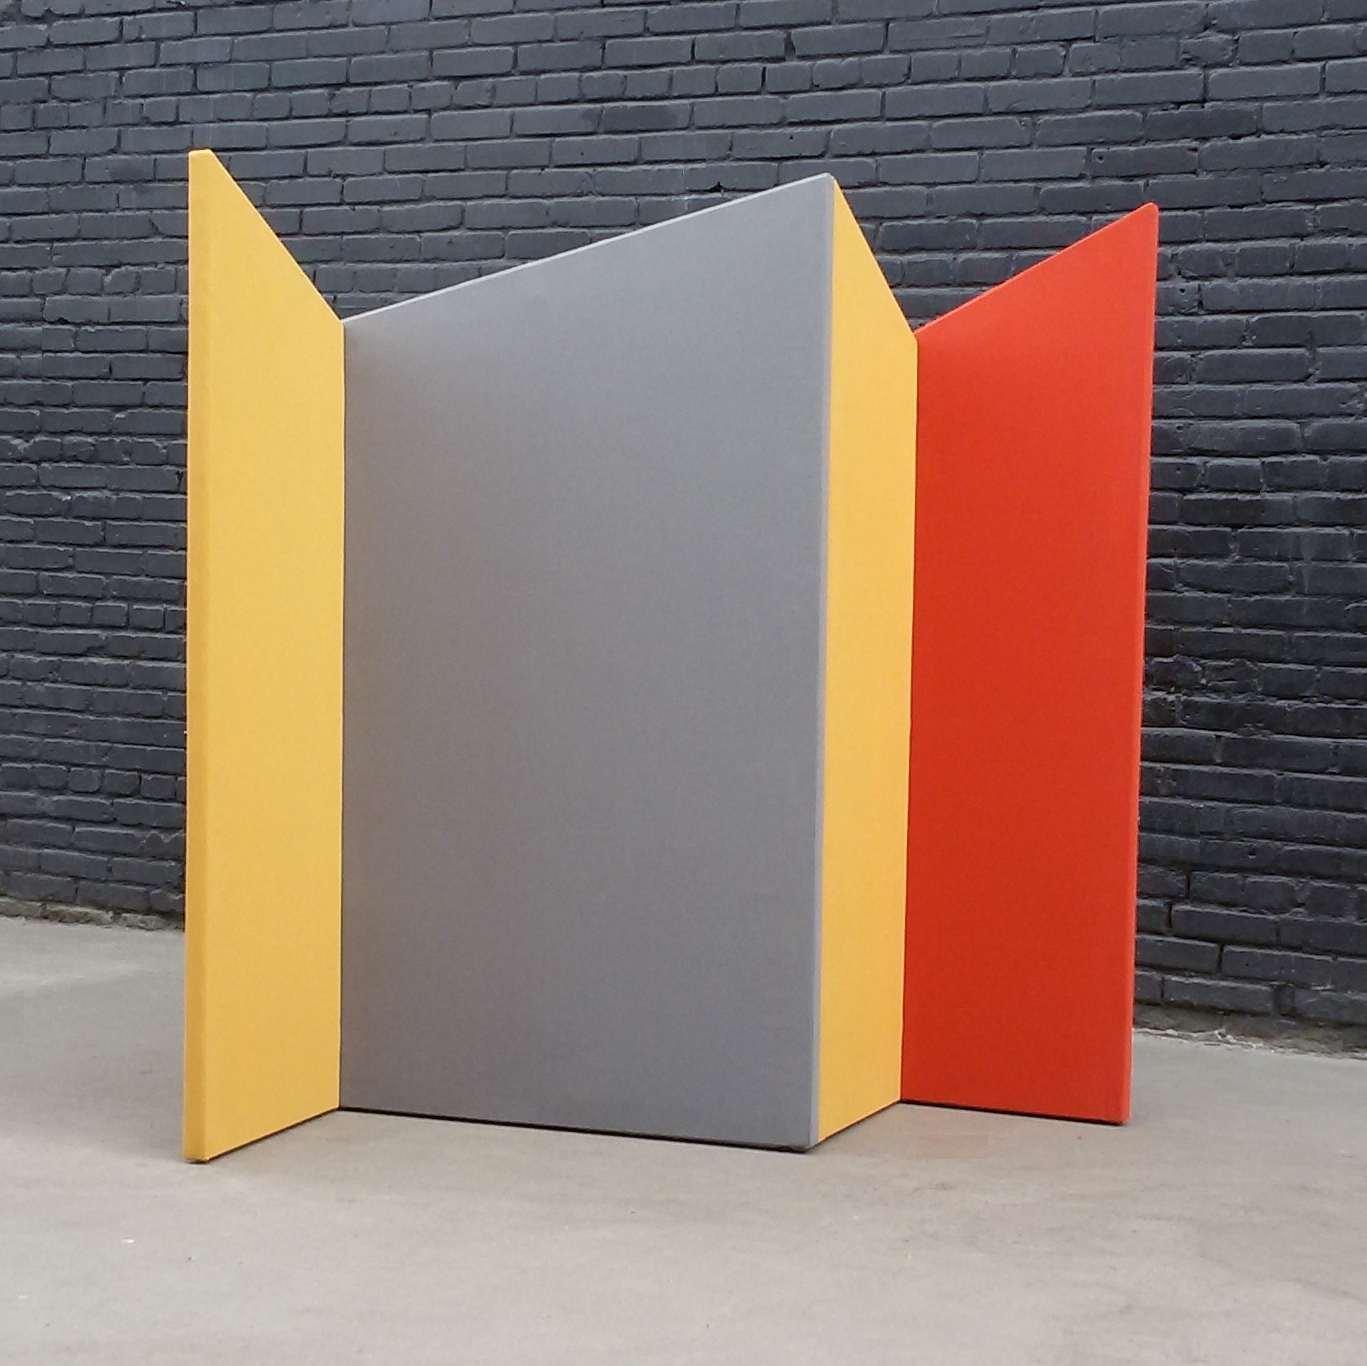 Uudne seinapaneel, mis absorbeerib elektromagnetmõjusid.